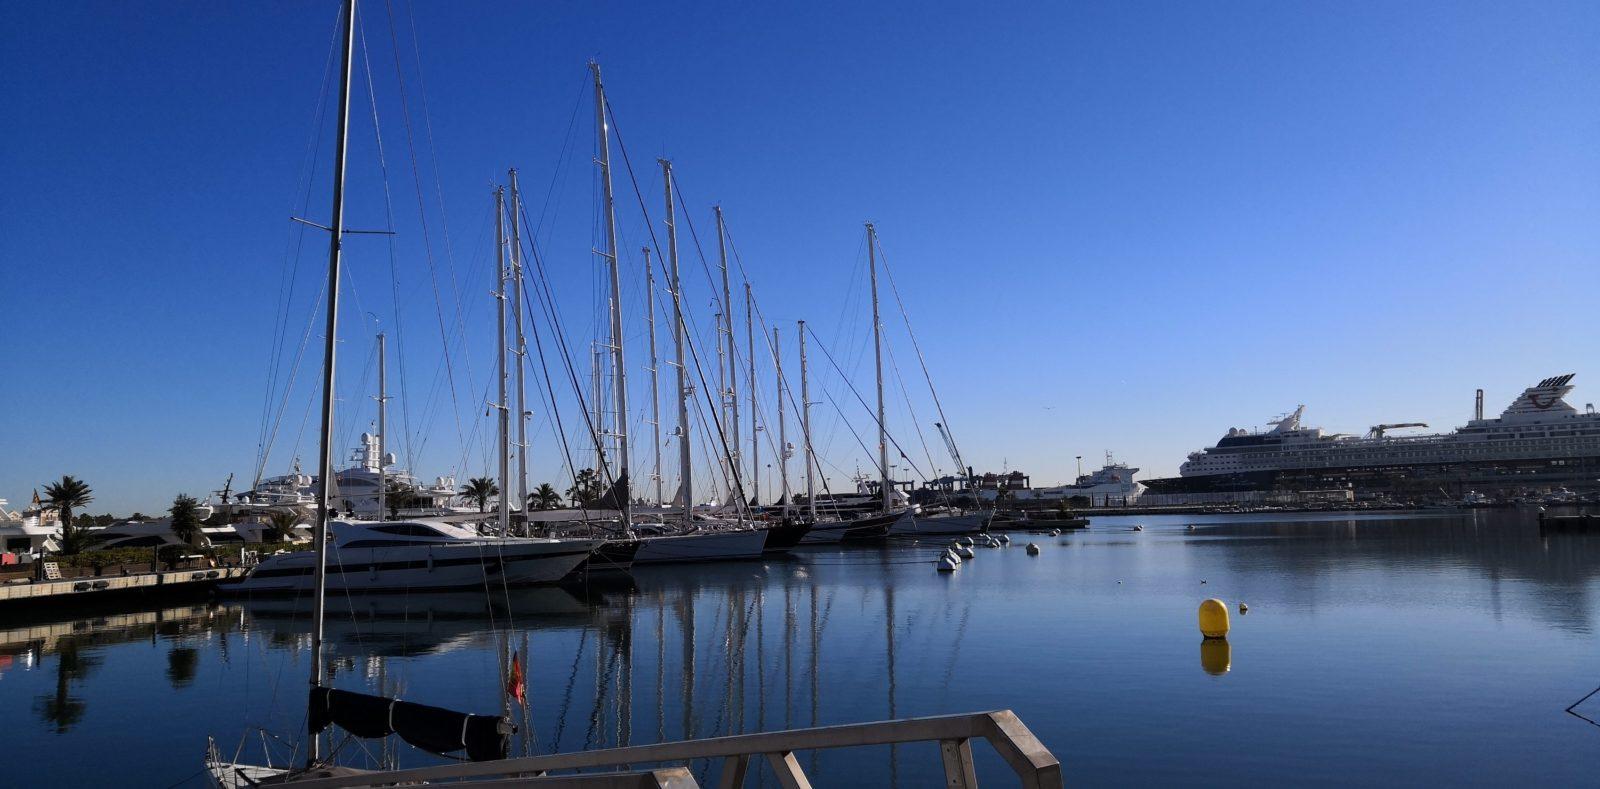 Marina in Valencia